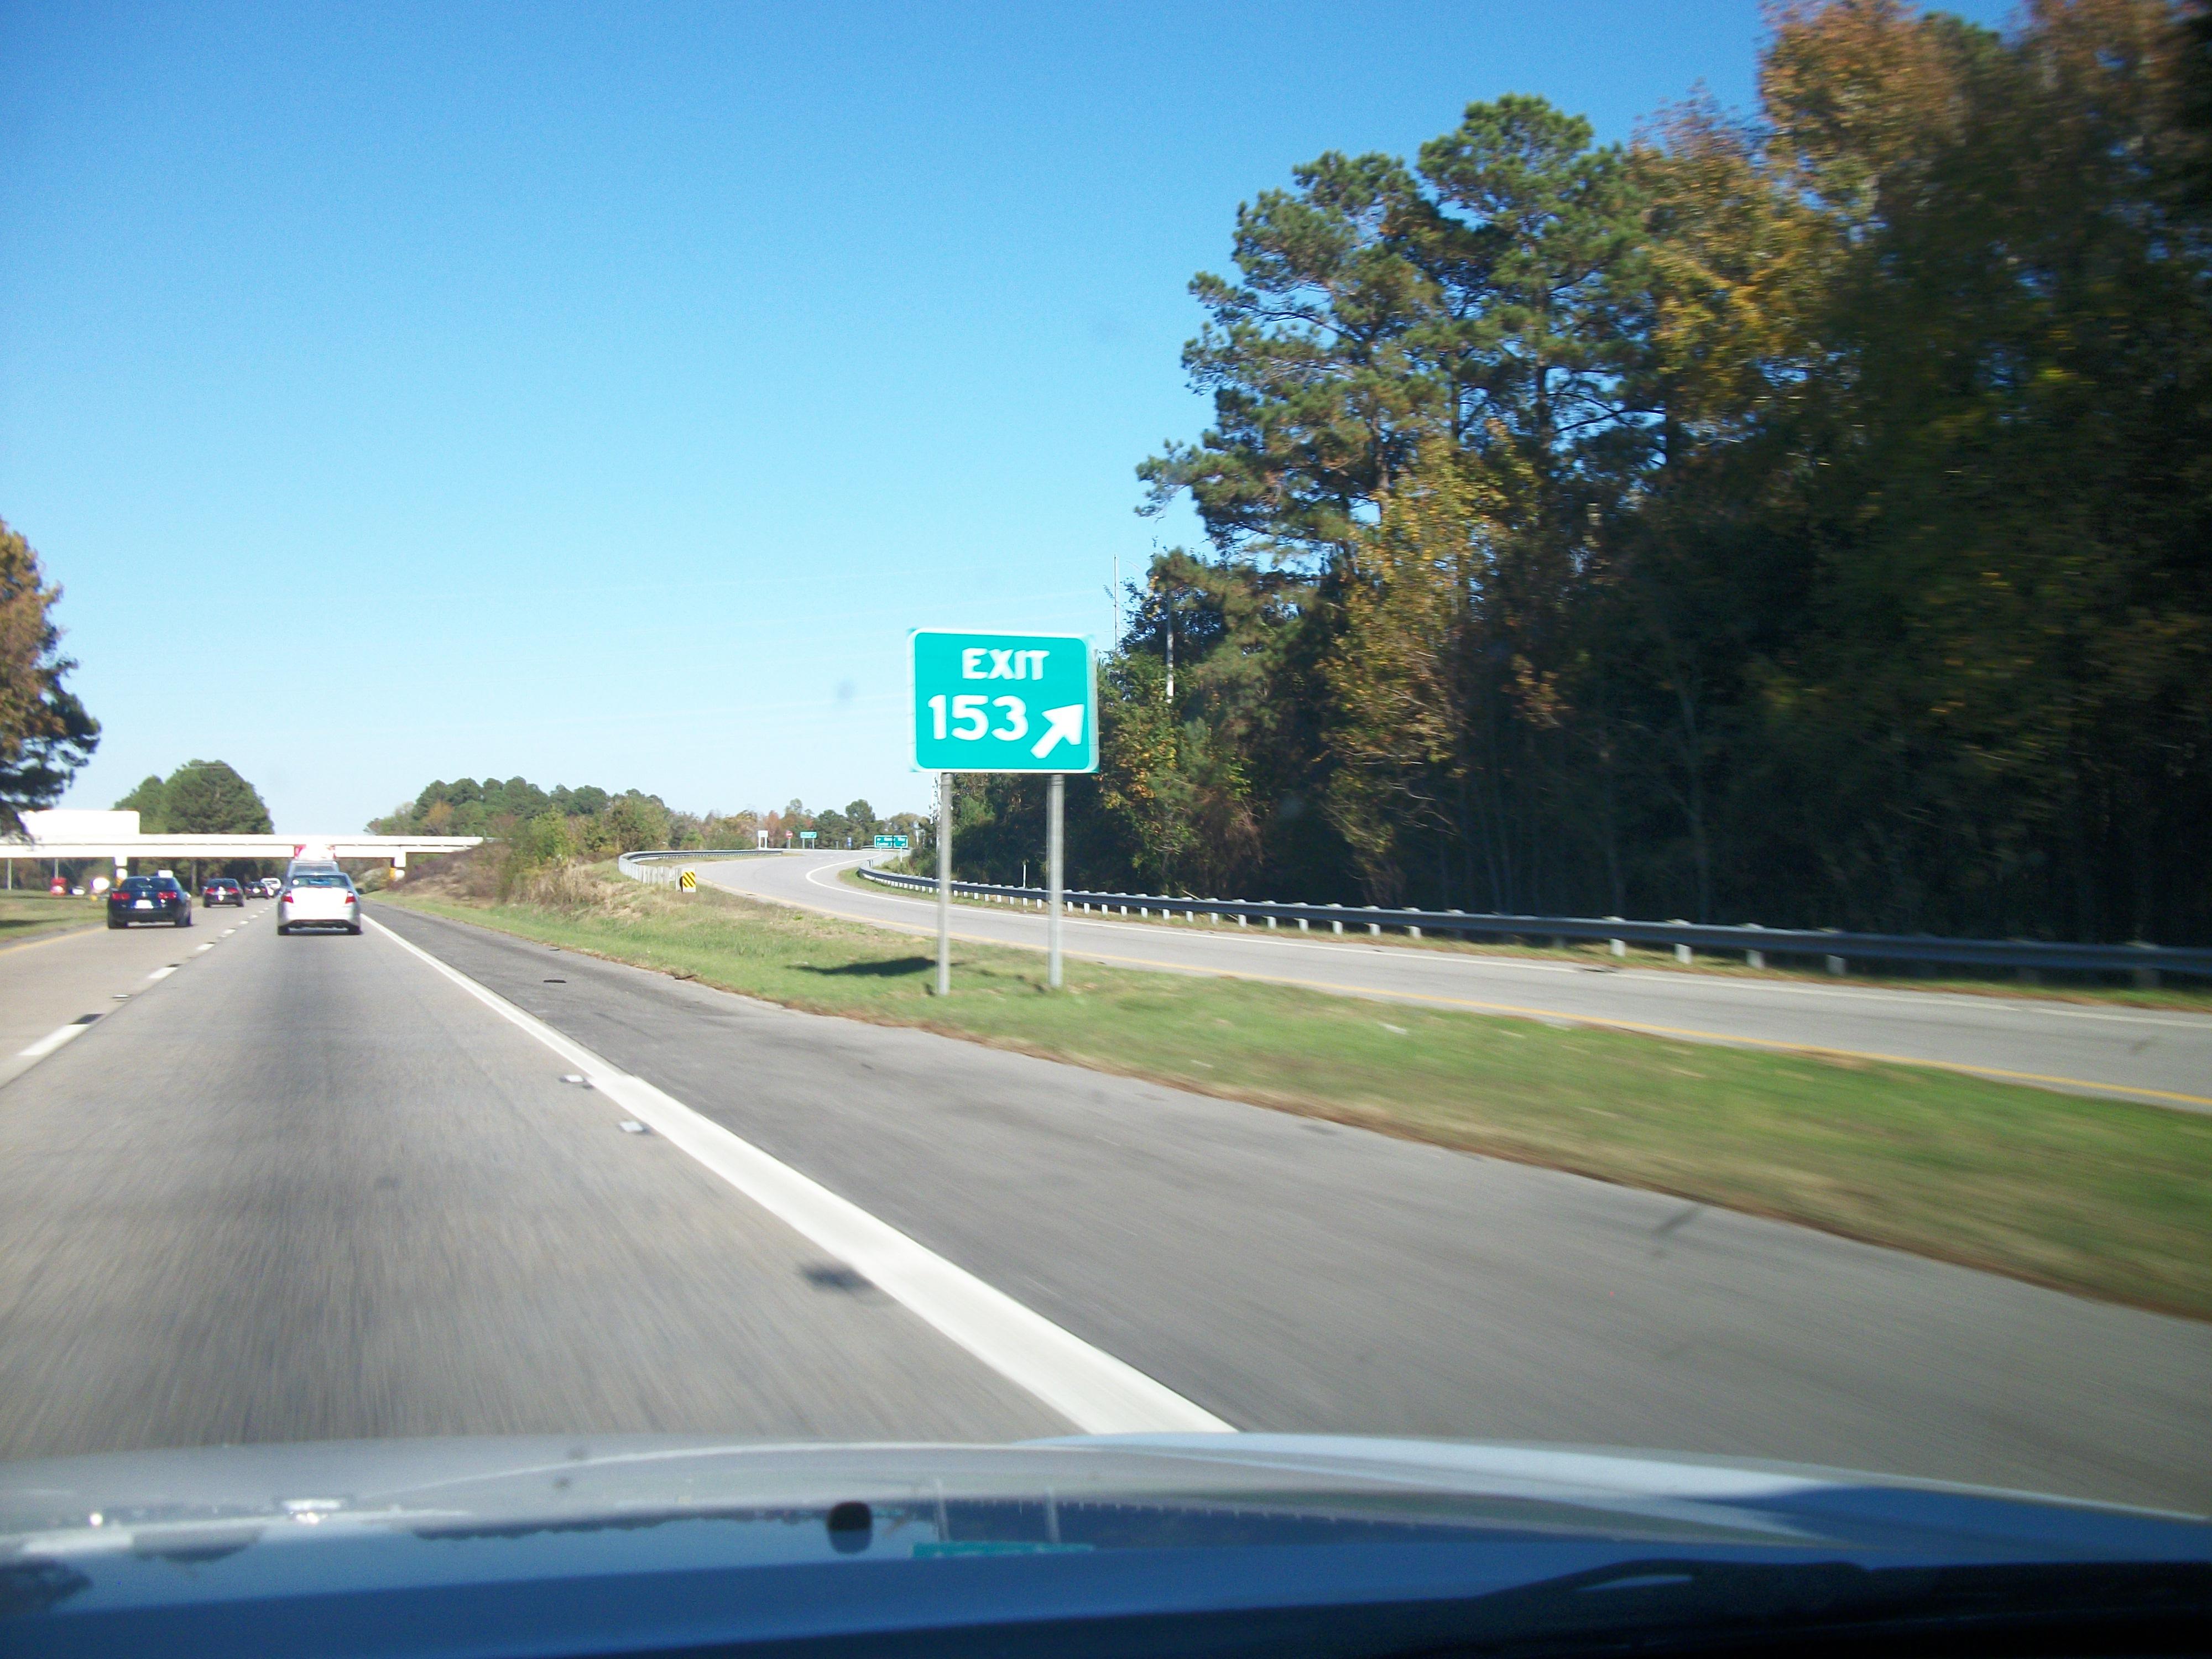 File:NB I-95 Exit 153 ...I 95 Sc